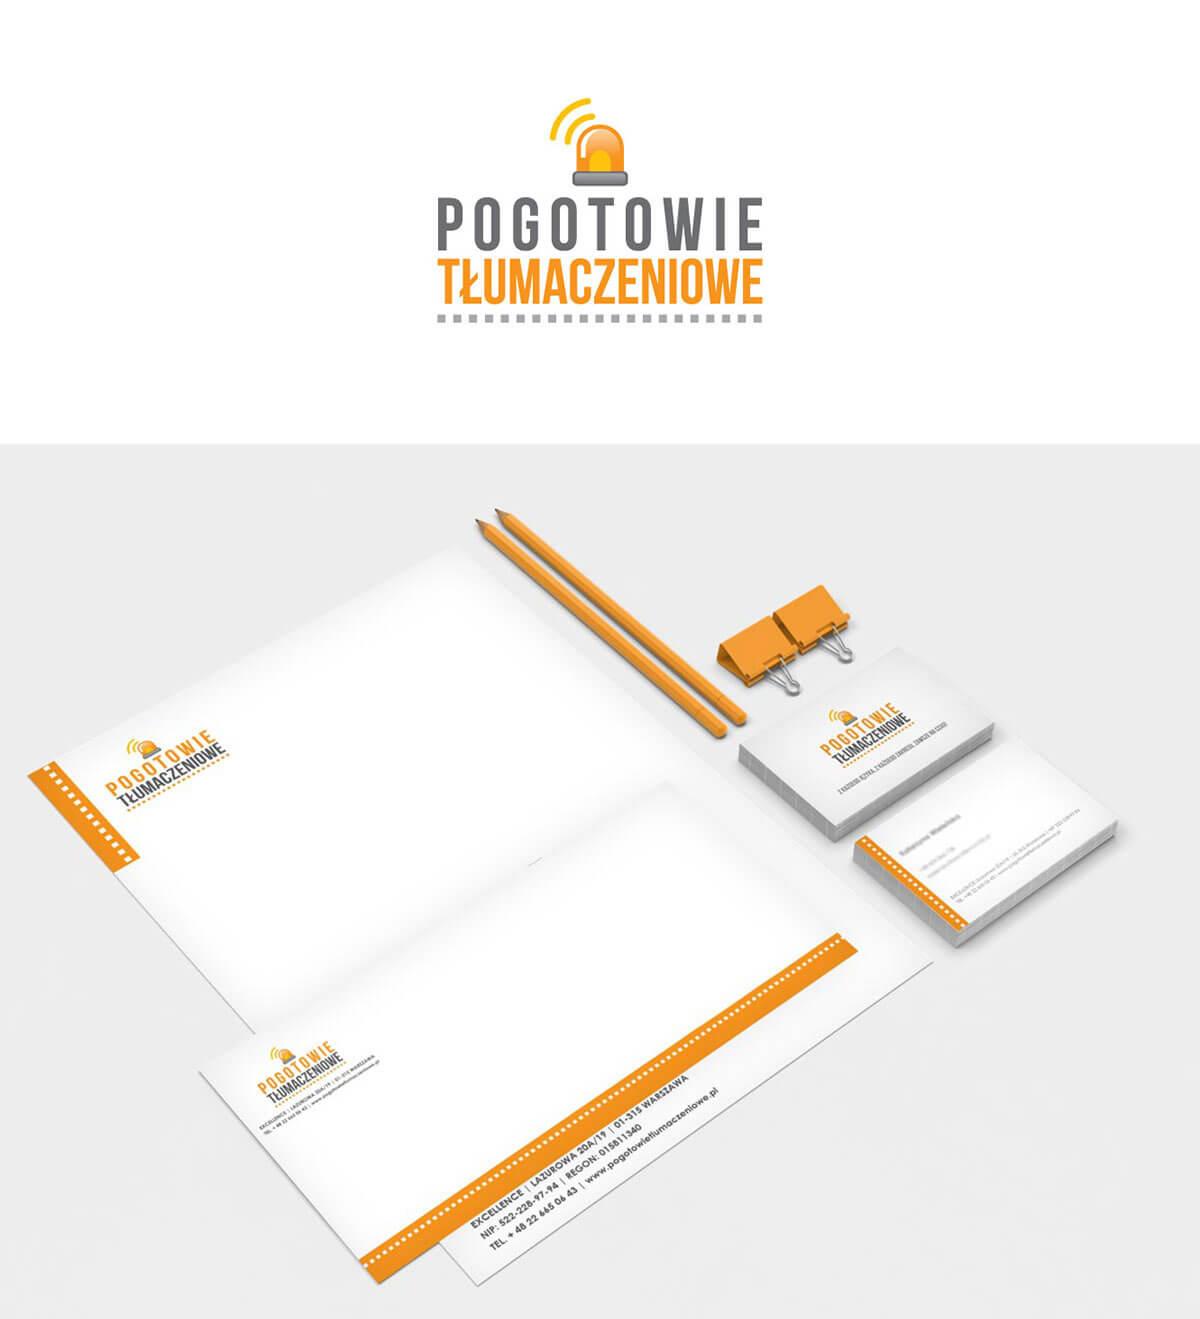 projektowanie logo pogotowie